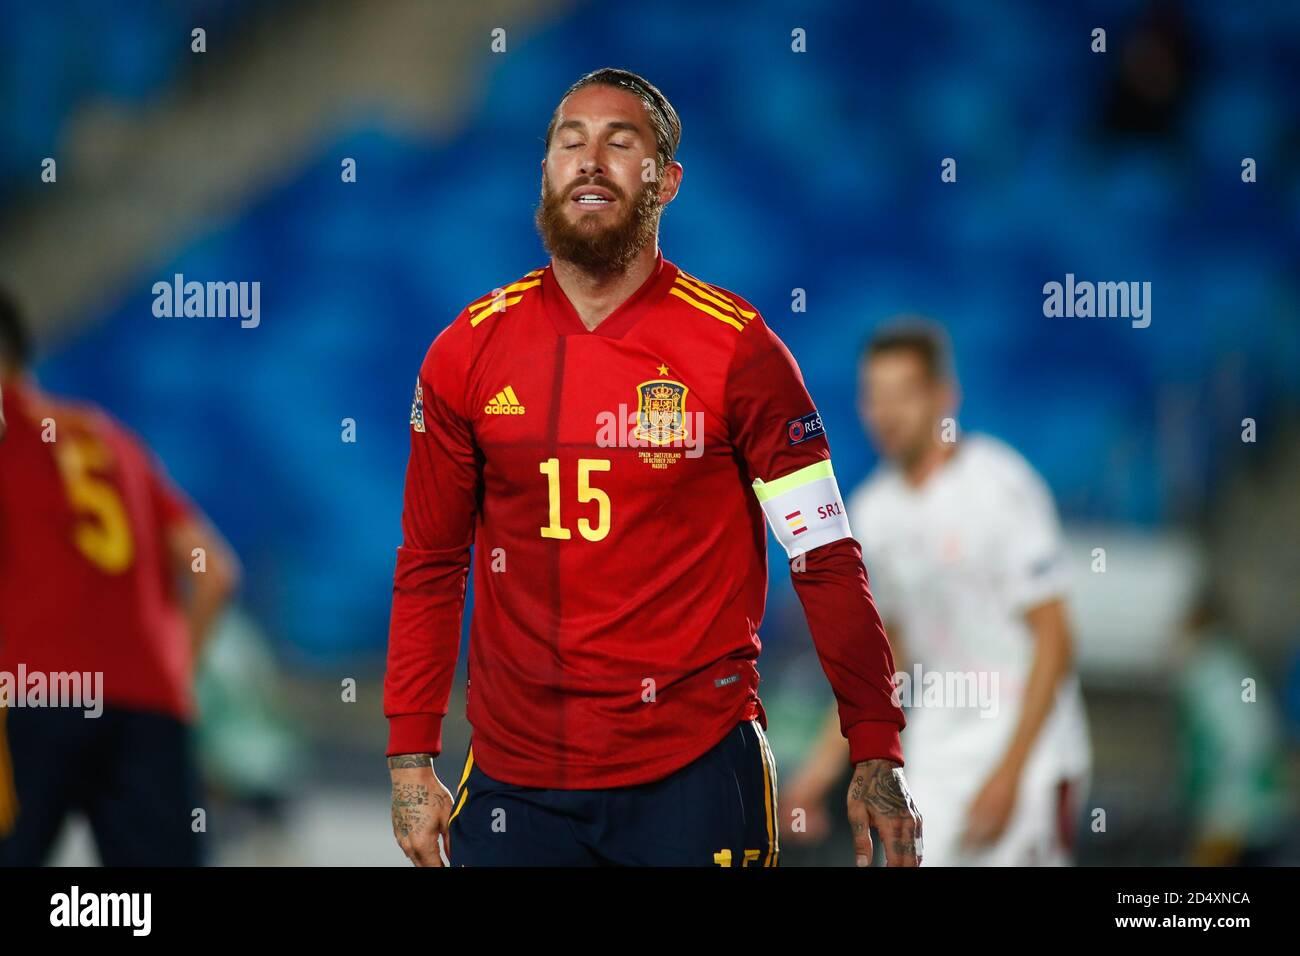 Ergio Ramos de España durante el partido de fútbol de la Liga de las Naciones de la UEFA entre España y Suiza el 10 de octubre de 2020 en el estadio Alfredo Di Stefano en Foto de stock